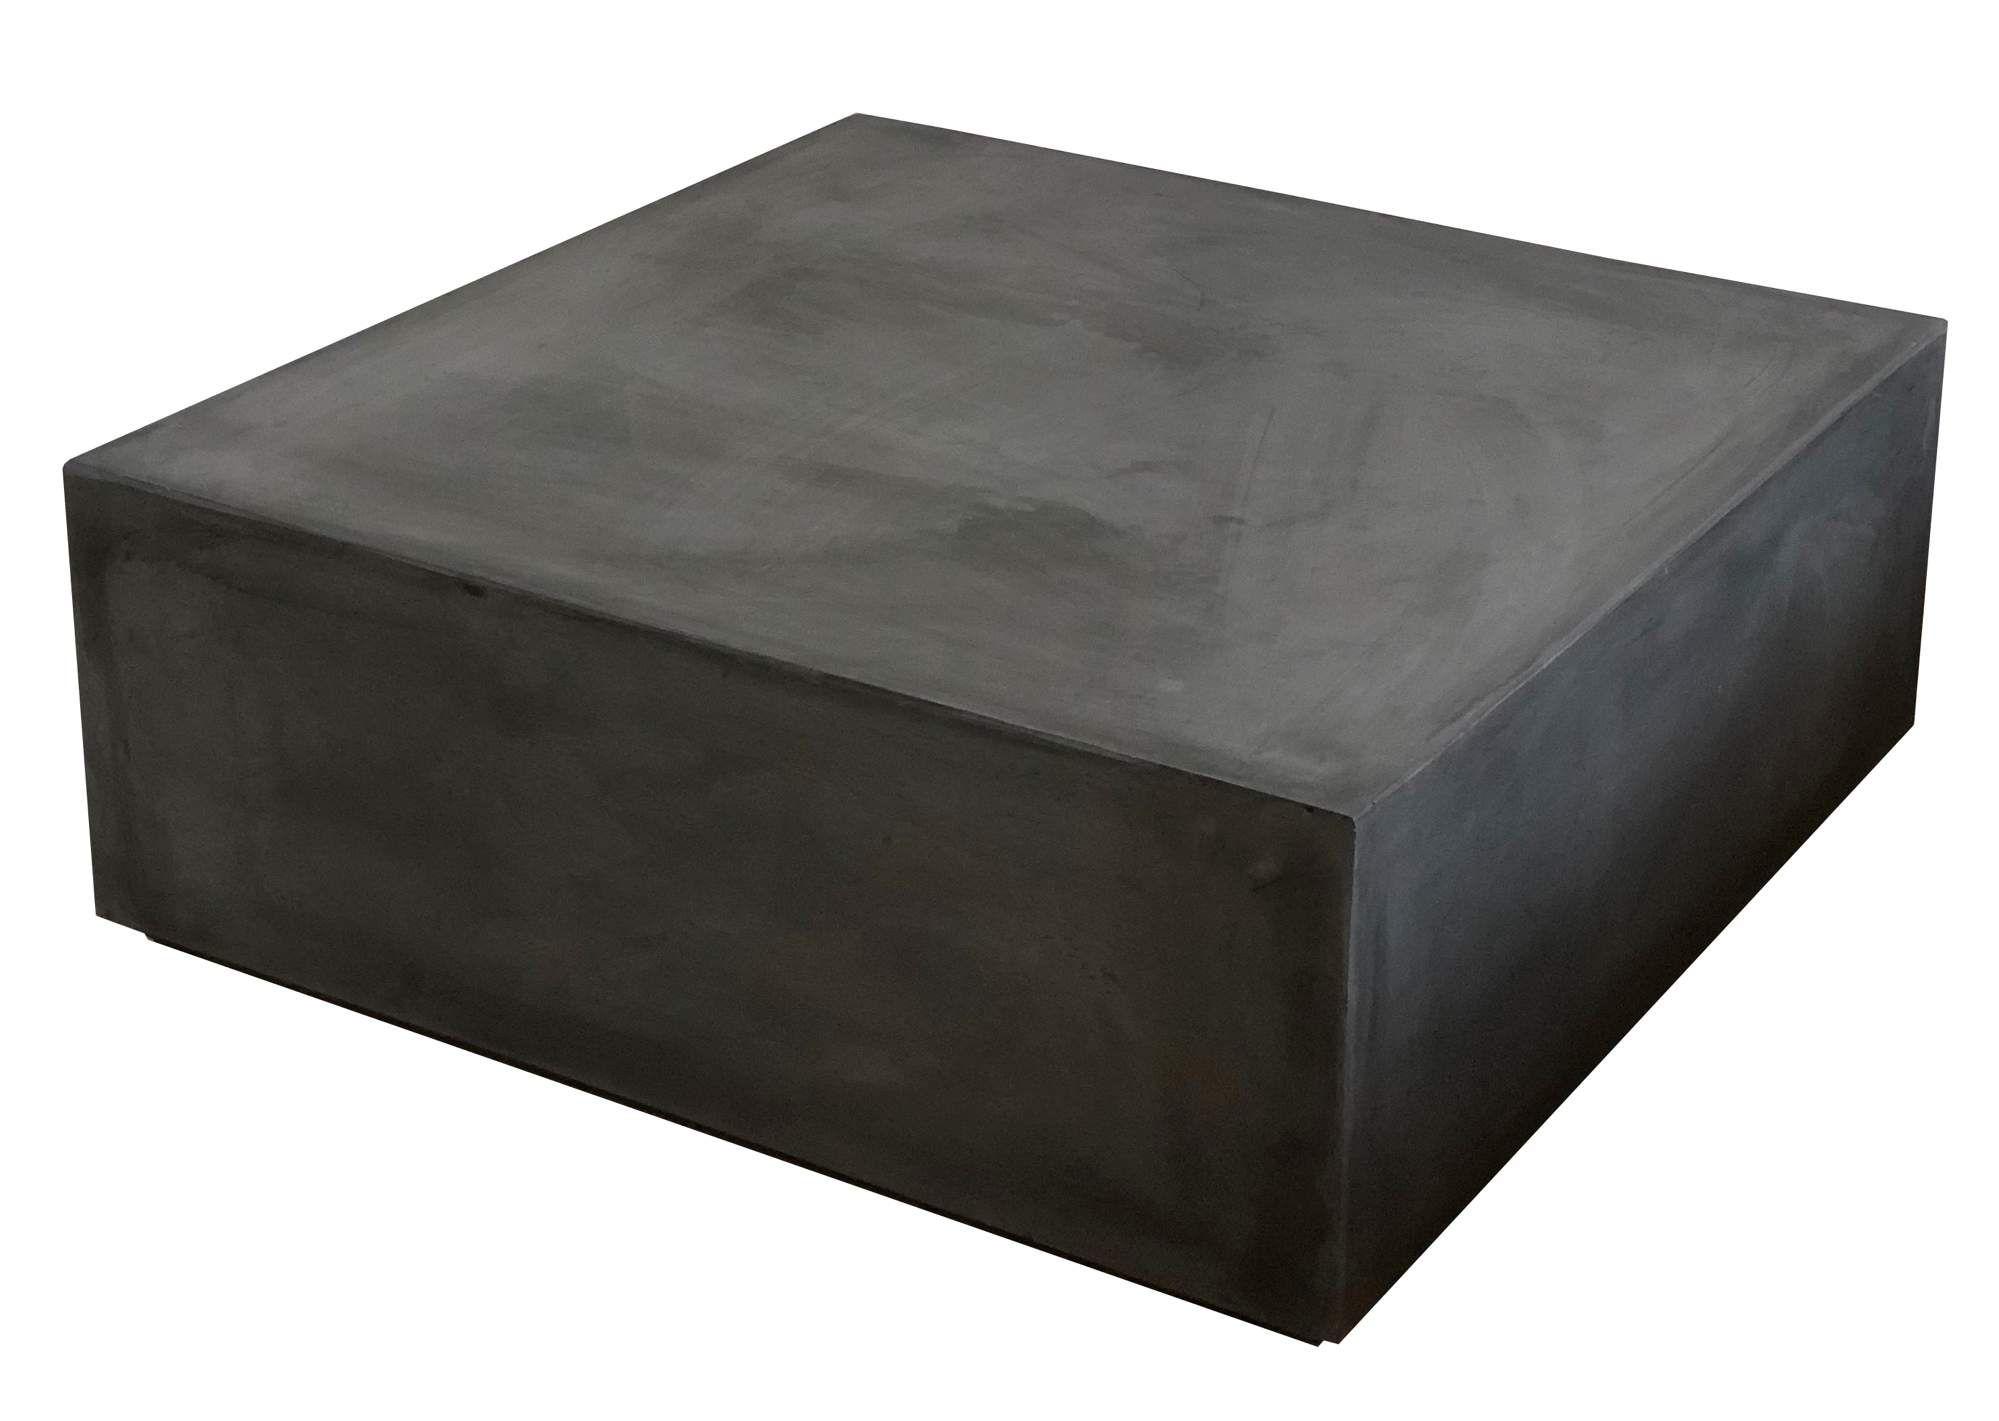 Beton Block Couchtisch Loungetisch Anthrazit In 2020 Lounge